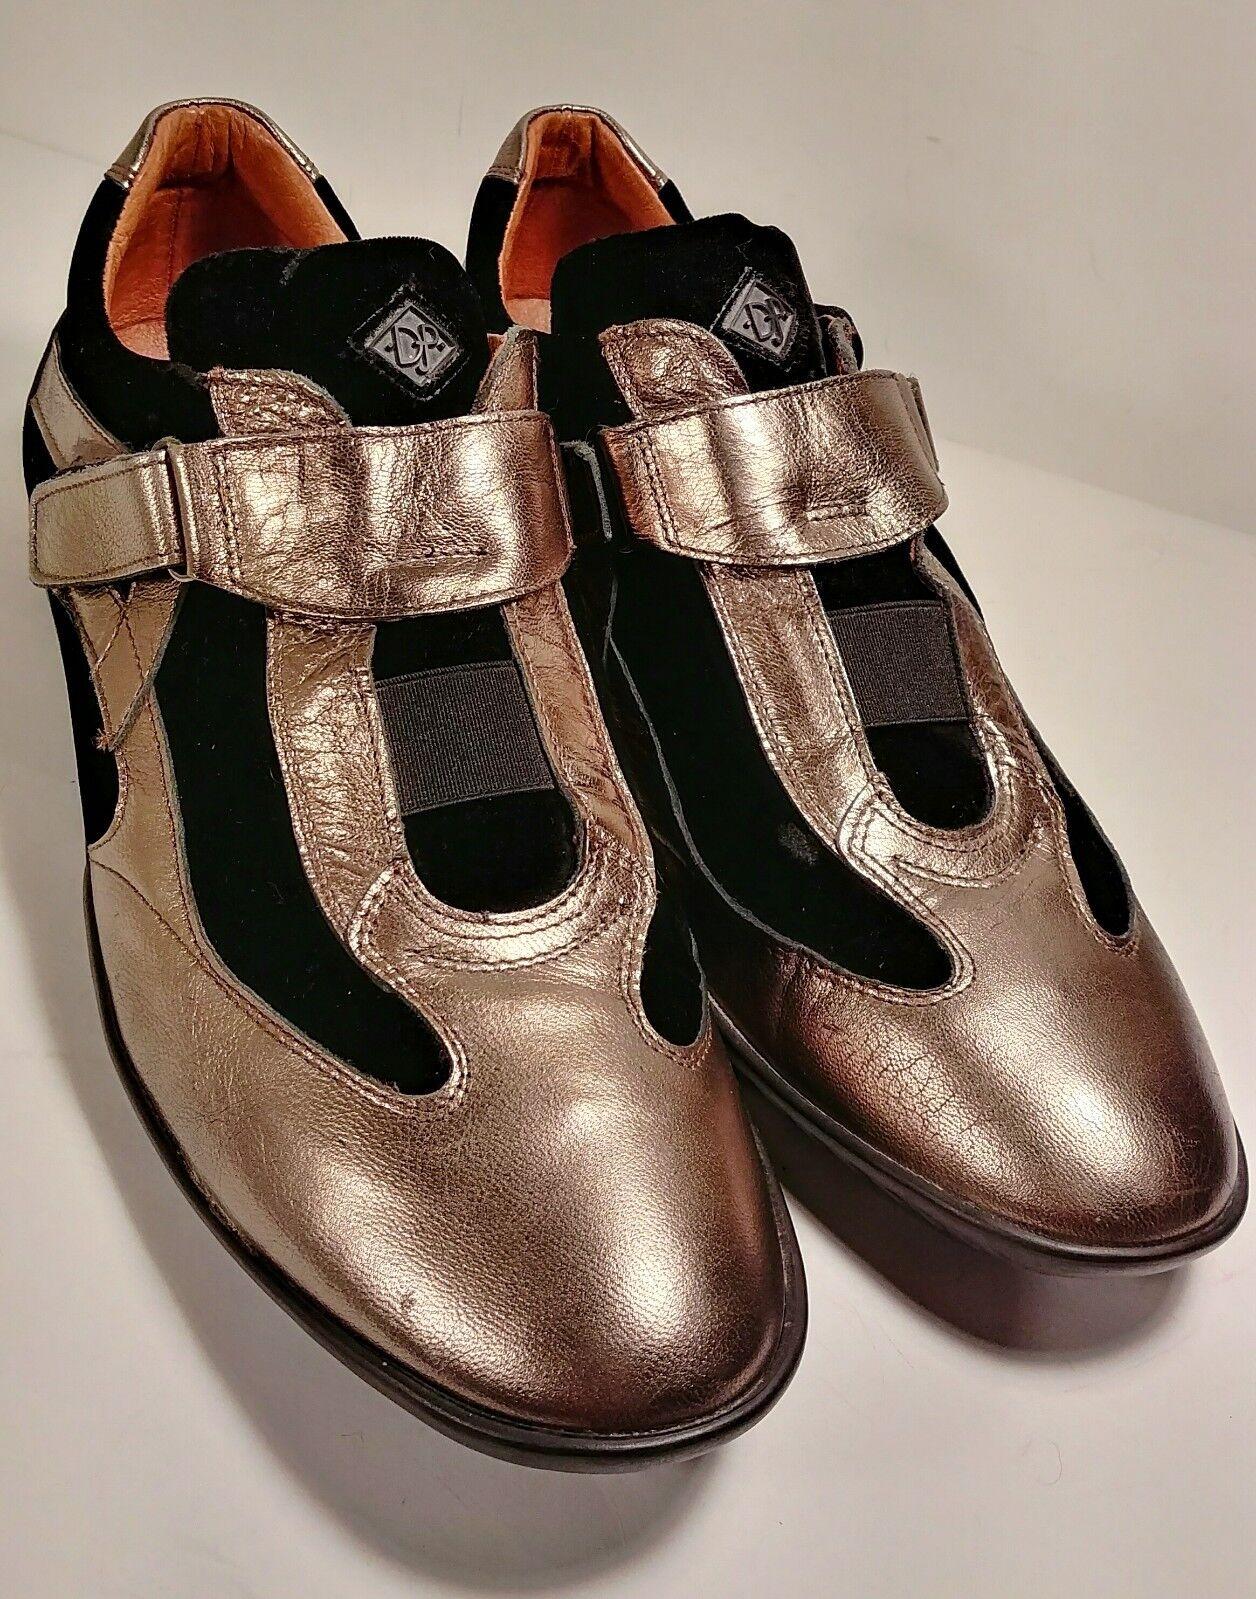 DONALD J PLINER SPORT DOTARE Marronee Metallic Leather Donna    Dimensione 9.5 EUC  d722c9